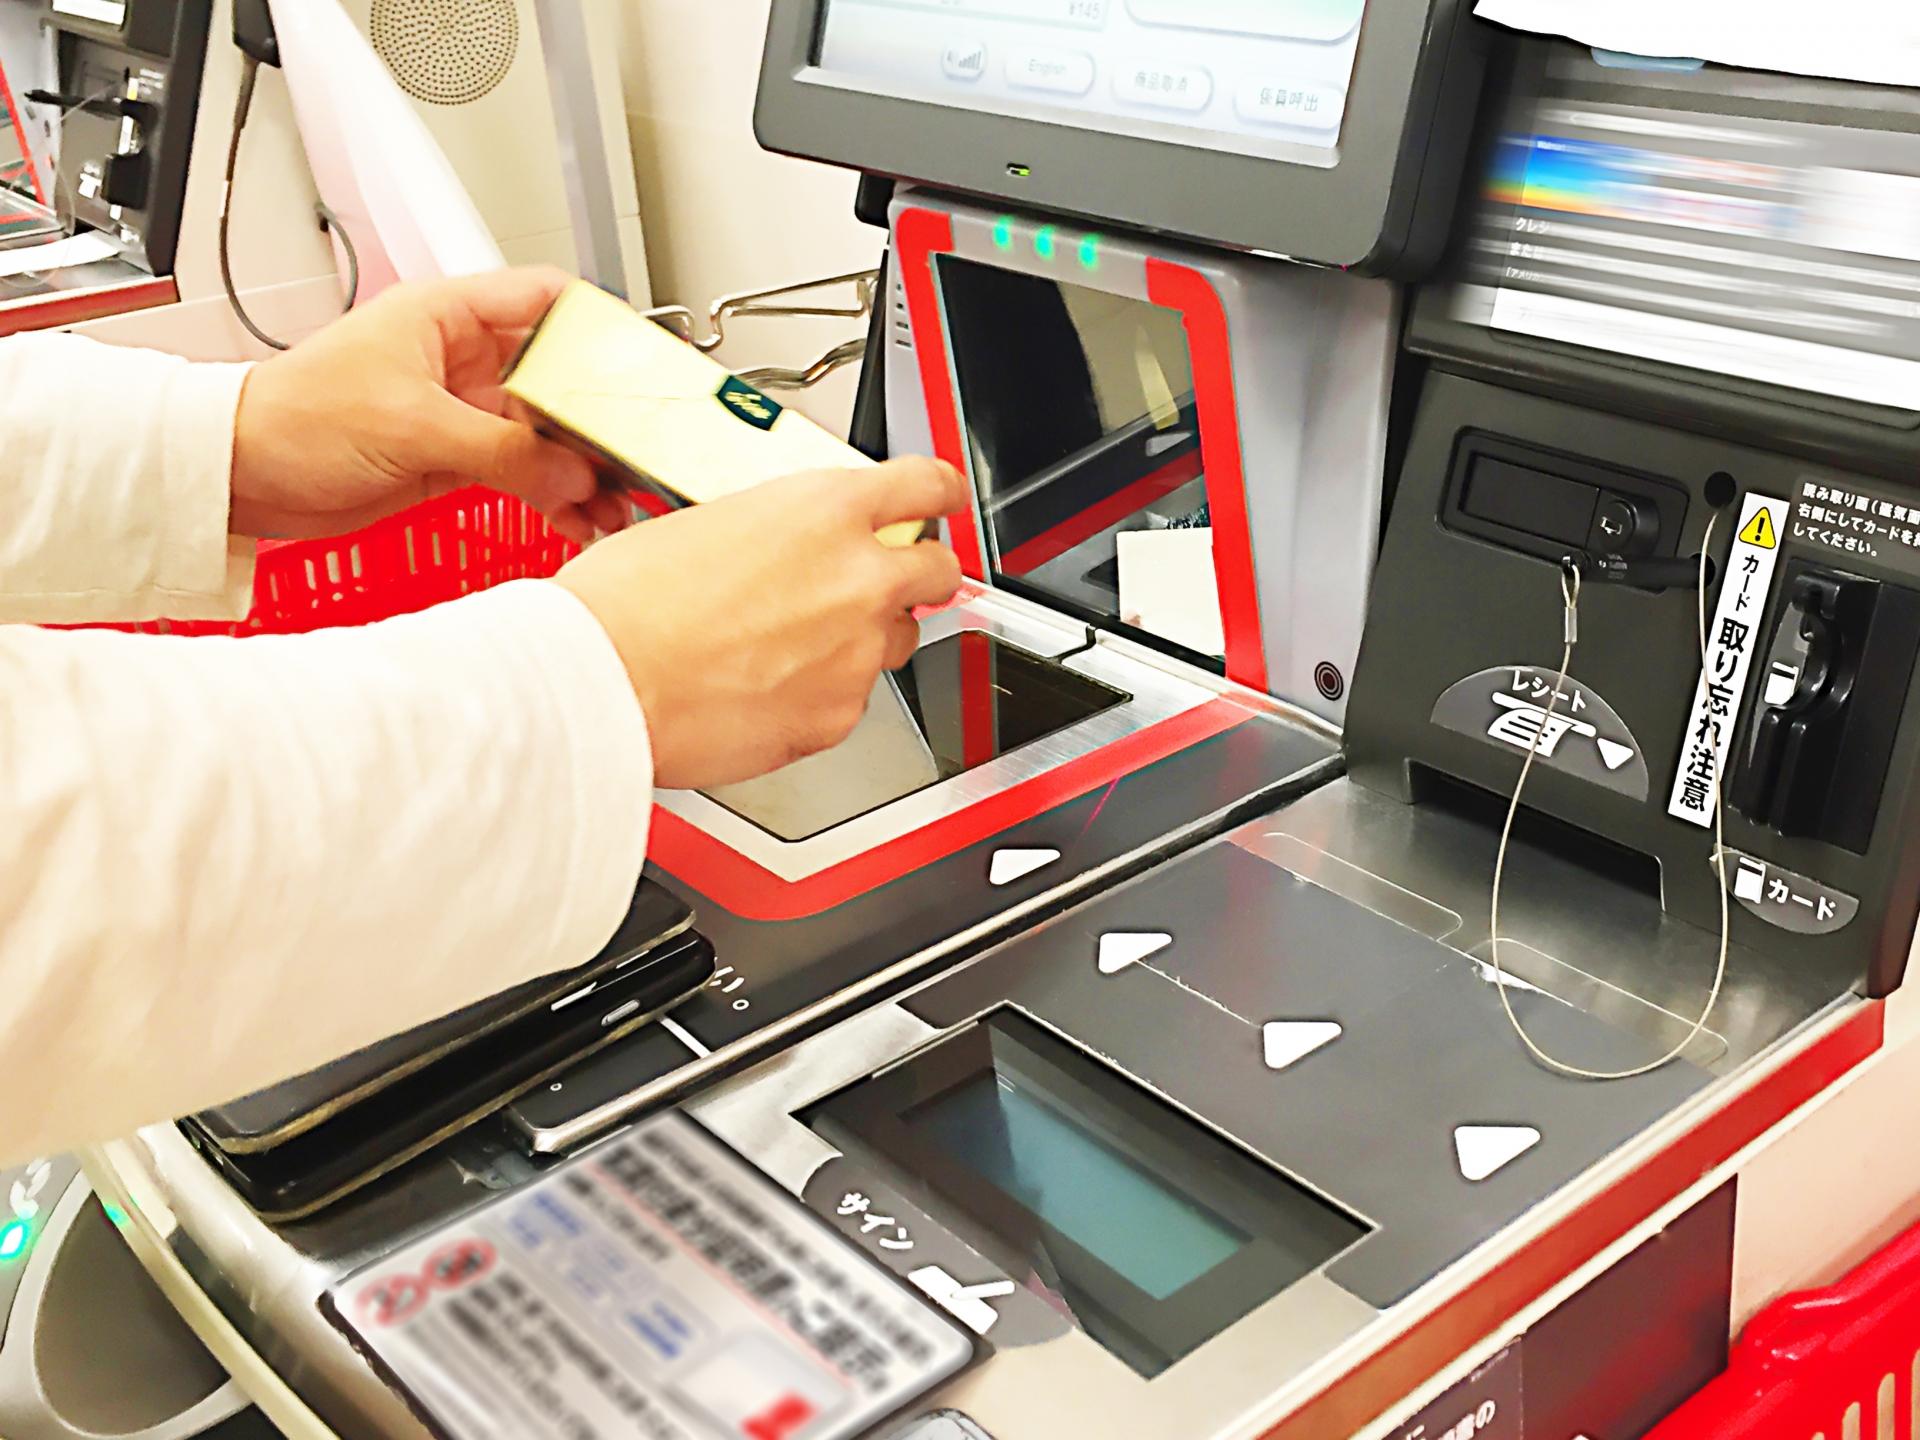 ファミマのセルフレジの使い方ガイド!支払いの流れやポイントの貯め方は?